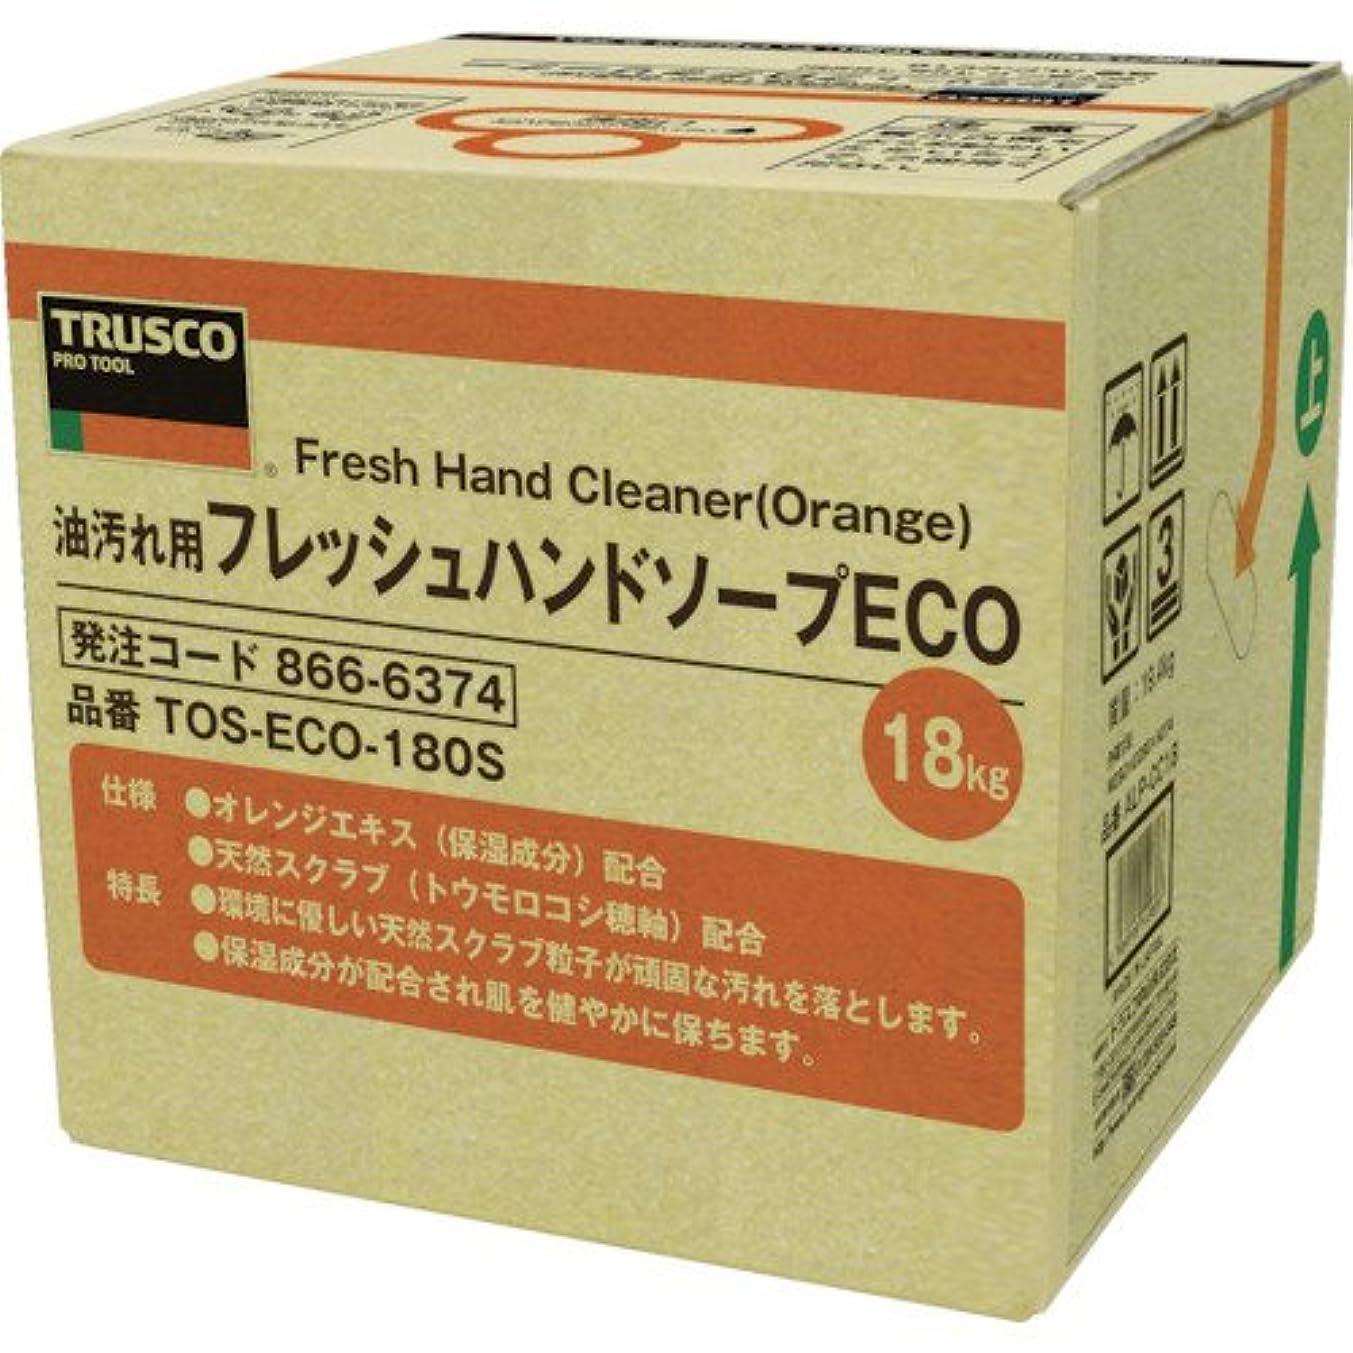 みすぼらしい誘惑がんばり続けるトラスコ中山 株 TRUSCO フレッシュハンドソープ 18L 詰替 バッグインボックス TOS-ECO-180S